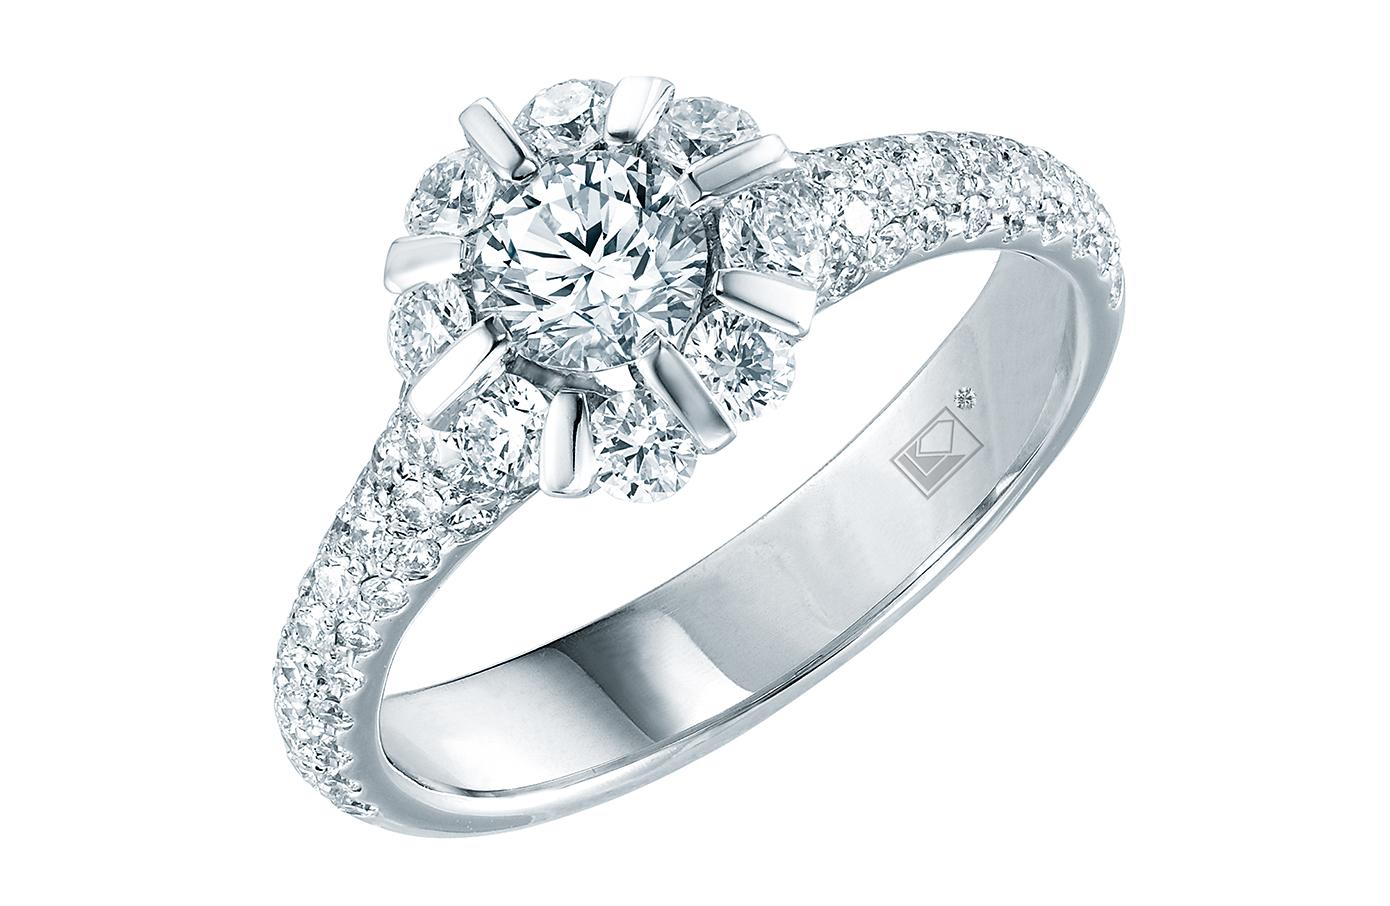 經典系列綻放指環,鑲有76顆共重1.032卡鑽石。精工獨特雅致,呈現萬花繽紛盛放美態;指環外圍以小鑽縈繞中央主鑽,閃爍生輝。